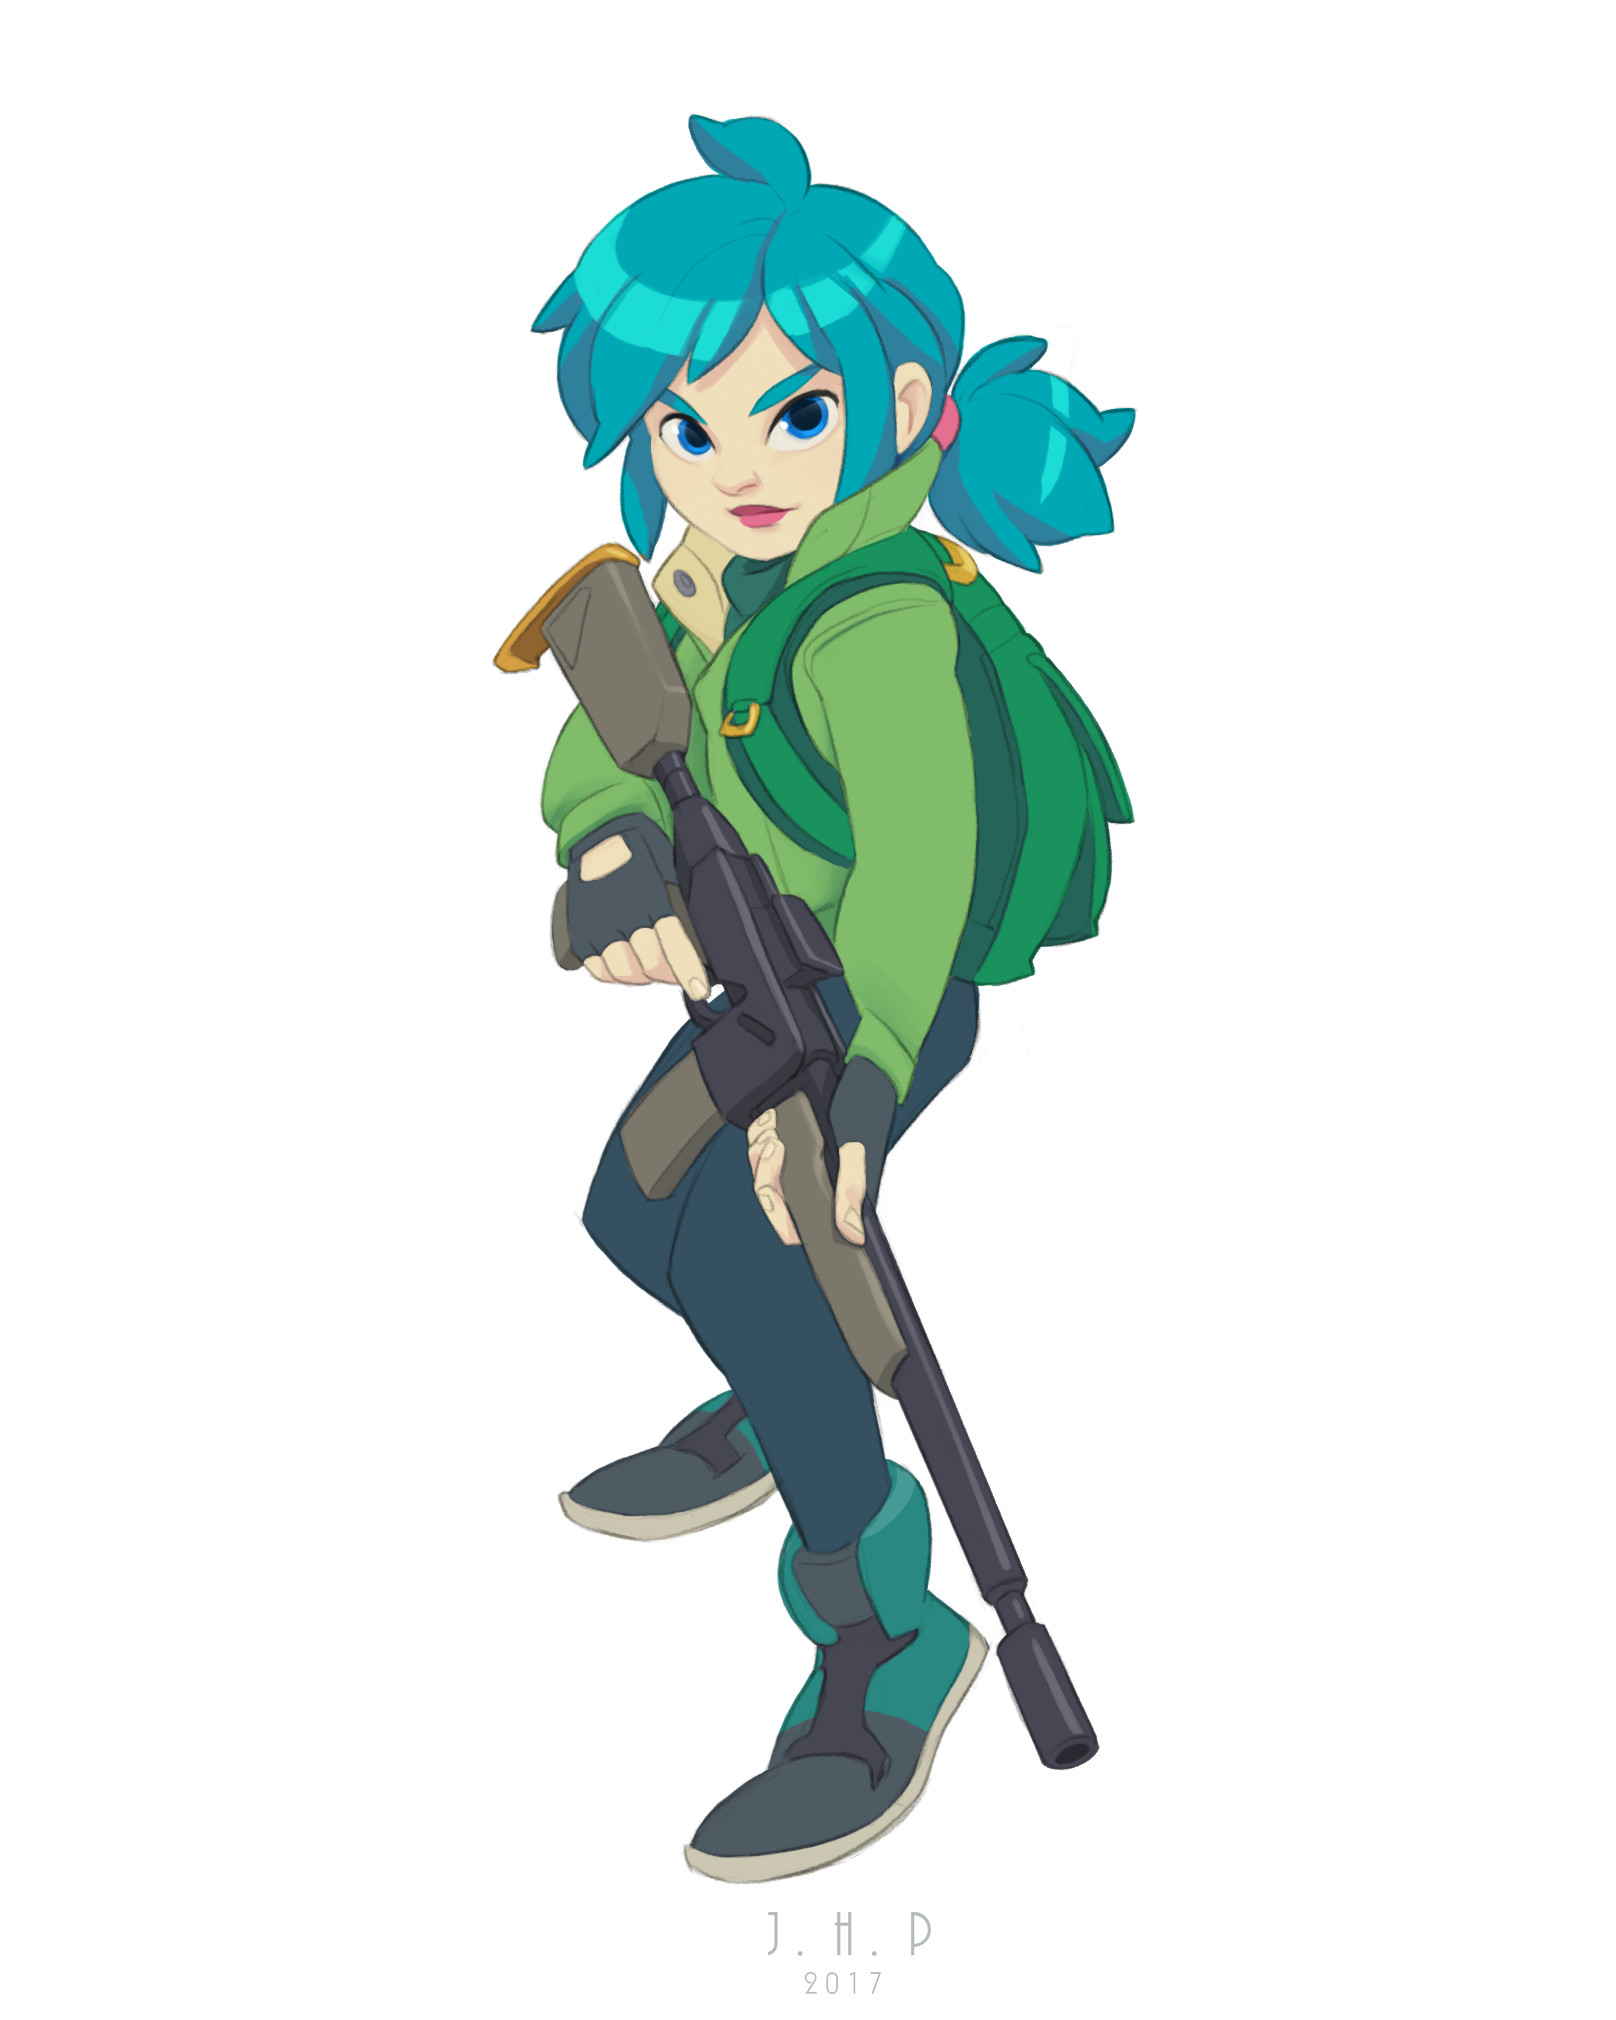 Joao henrique pacheco gun girl